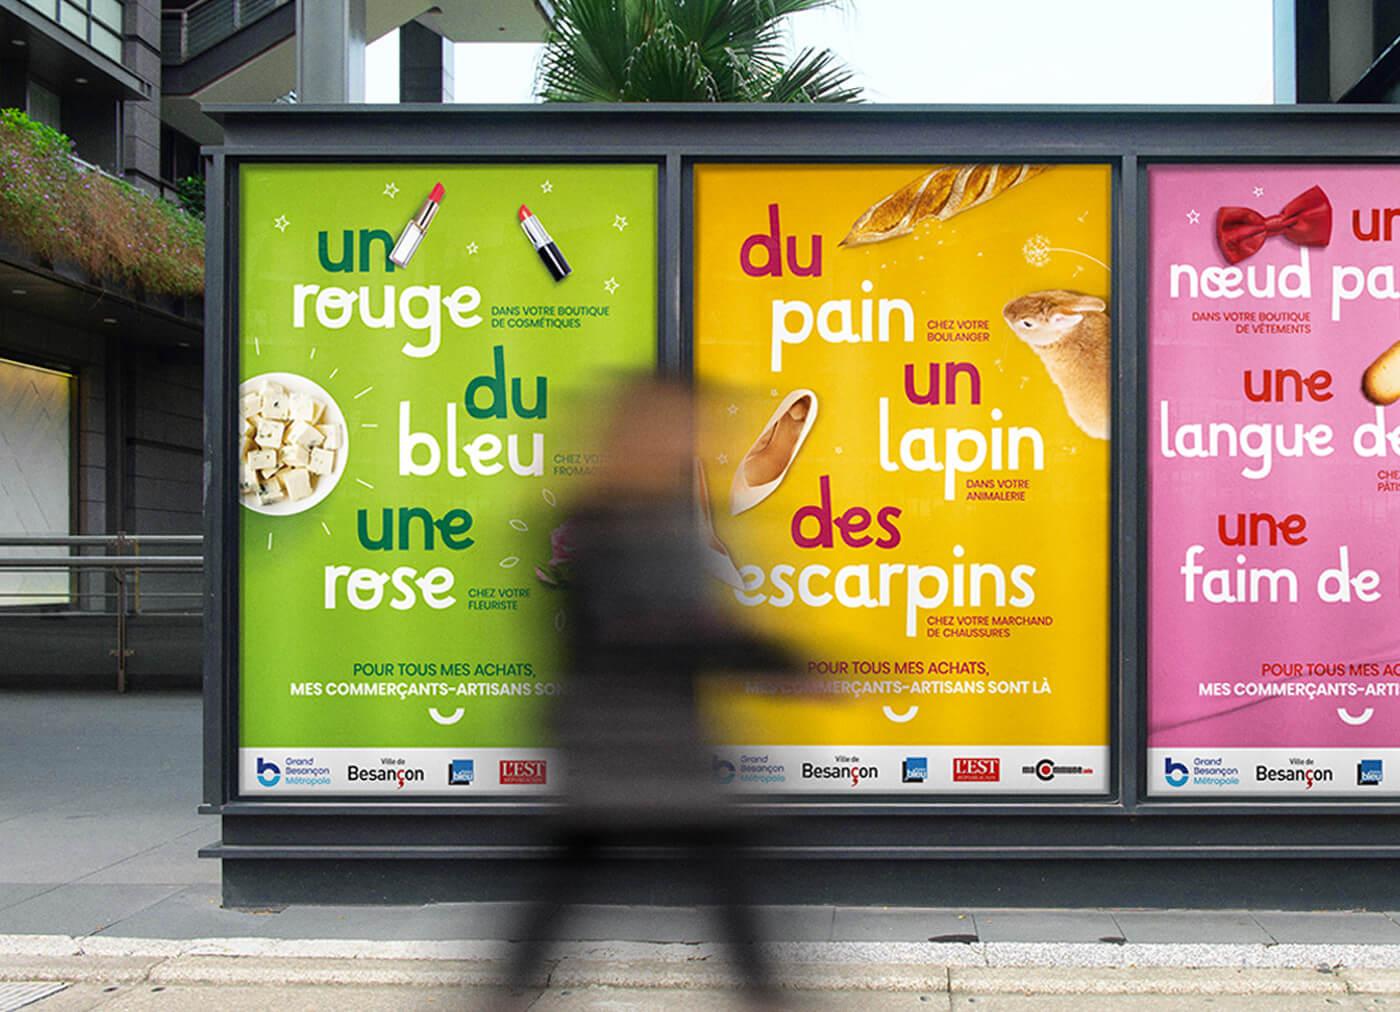 Campagne de communication pour sauver les commerces du Grand Besancon Metropole - 2